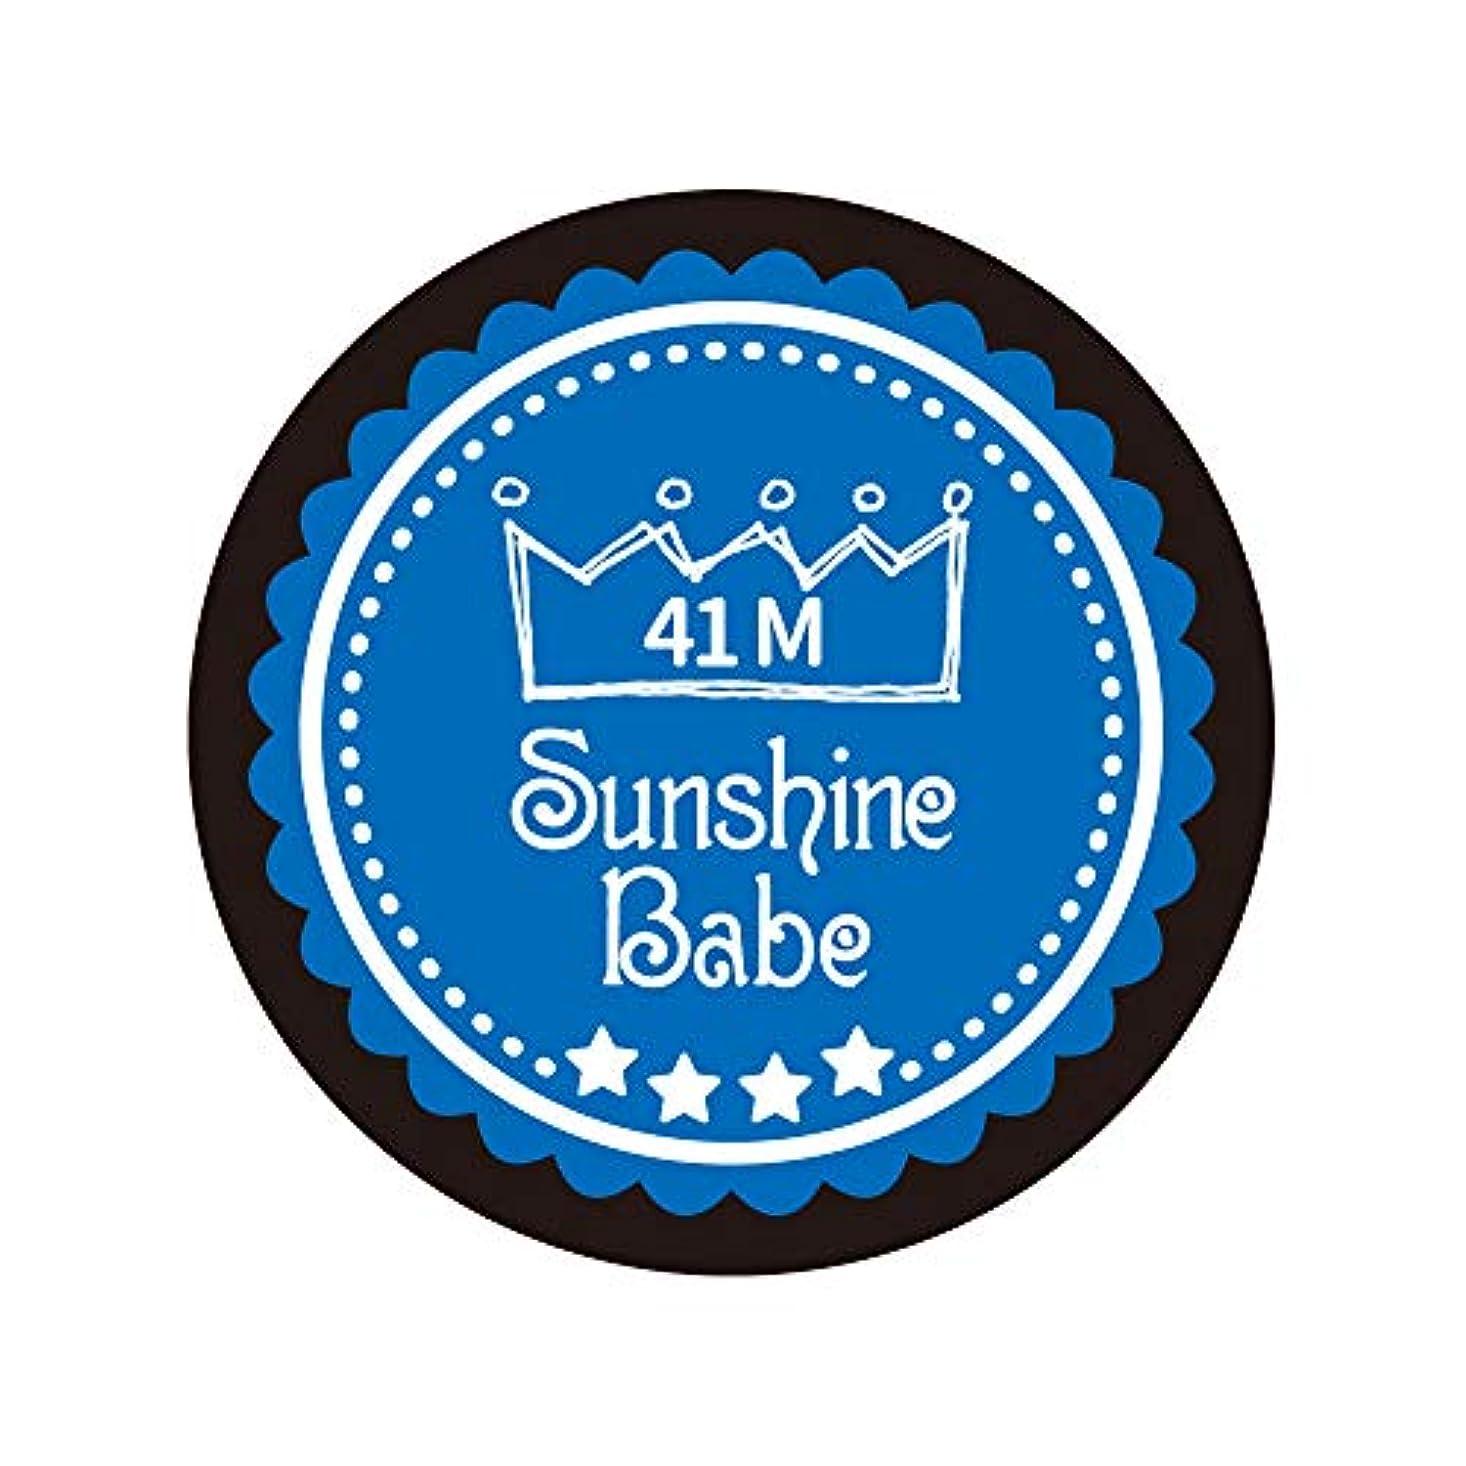 持つまたいらいらさせるSunshine Babe カラージェル 41M ネブラスブルー 2.7g UV/LED対応